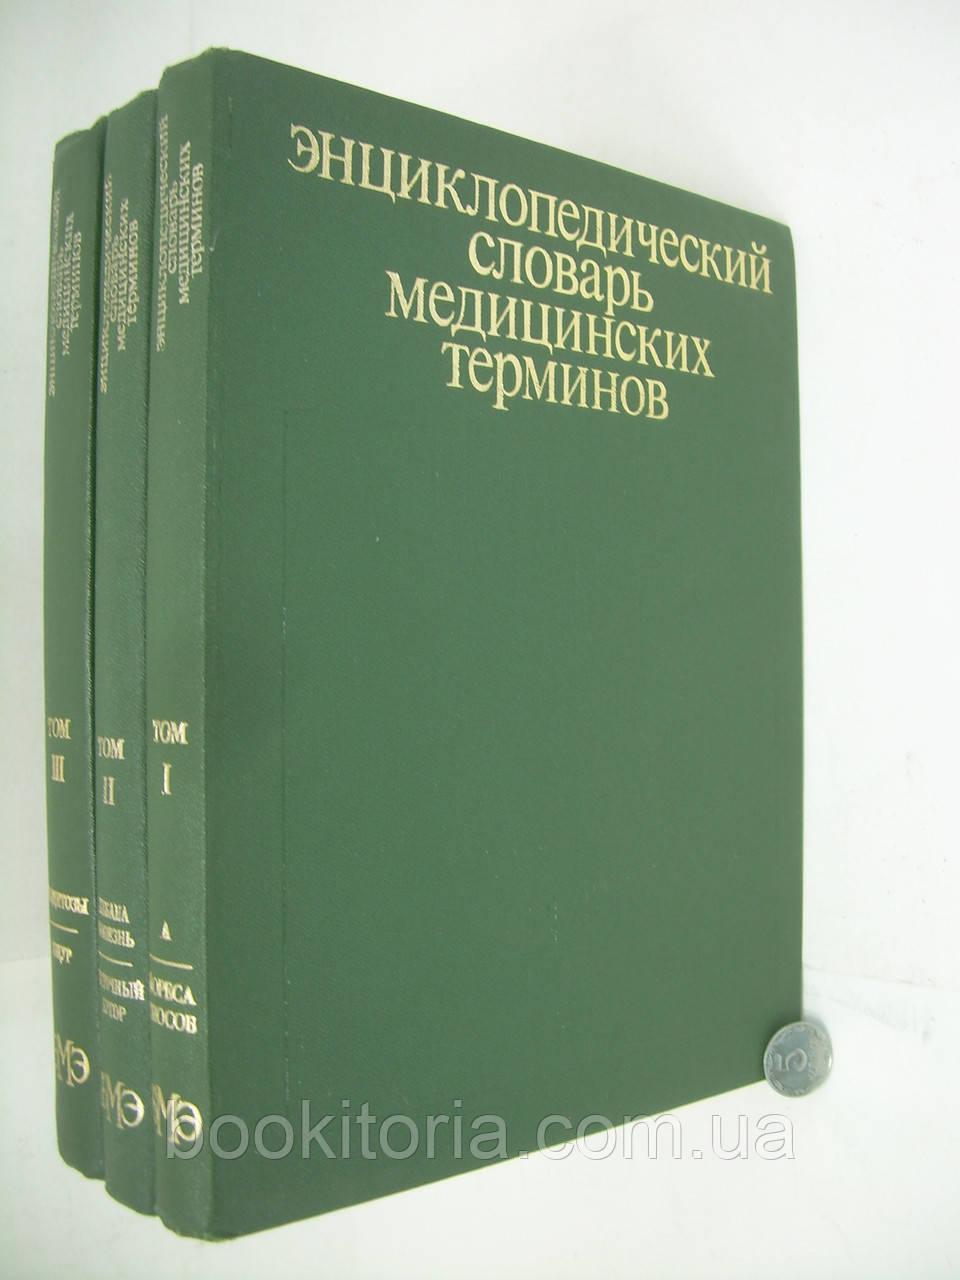 Энциклопедический словарь медицинских терминов. В трех томах (б/у).